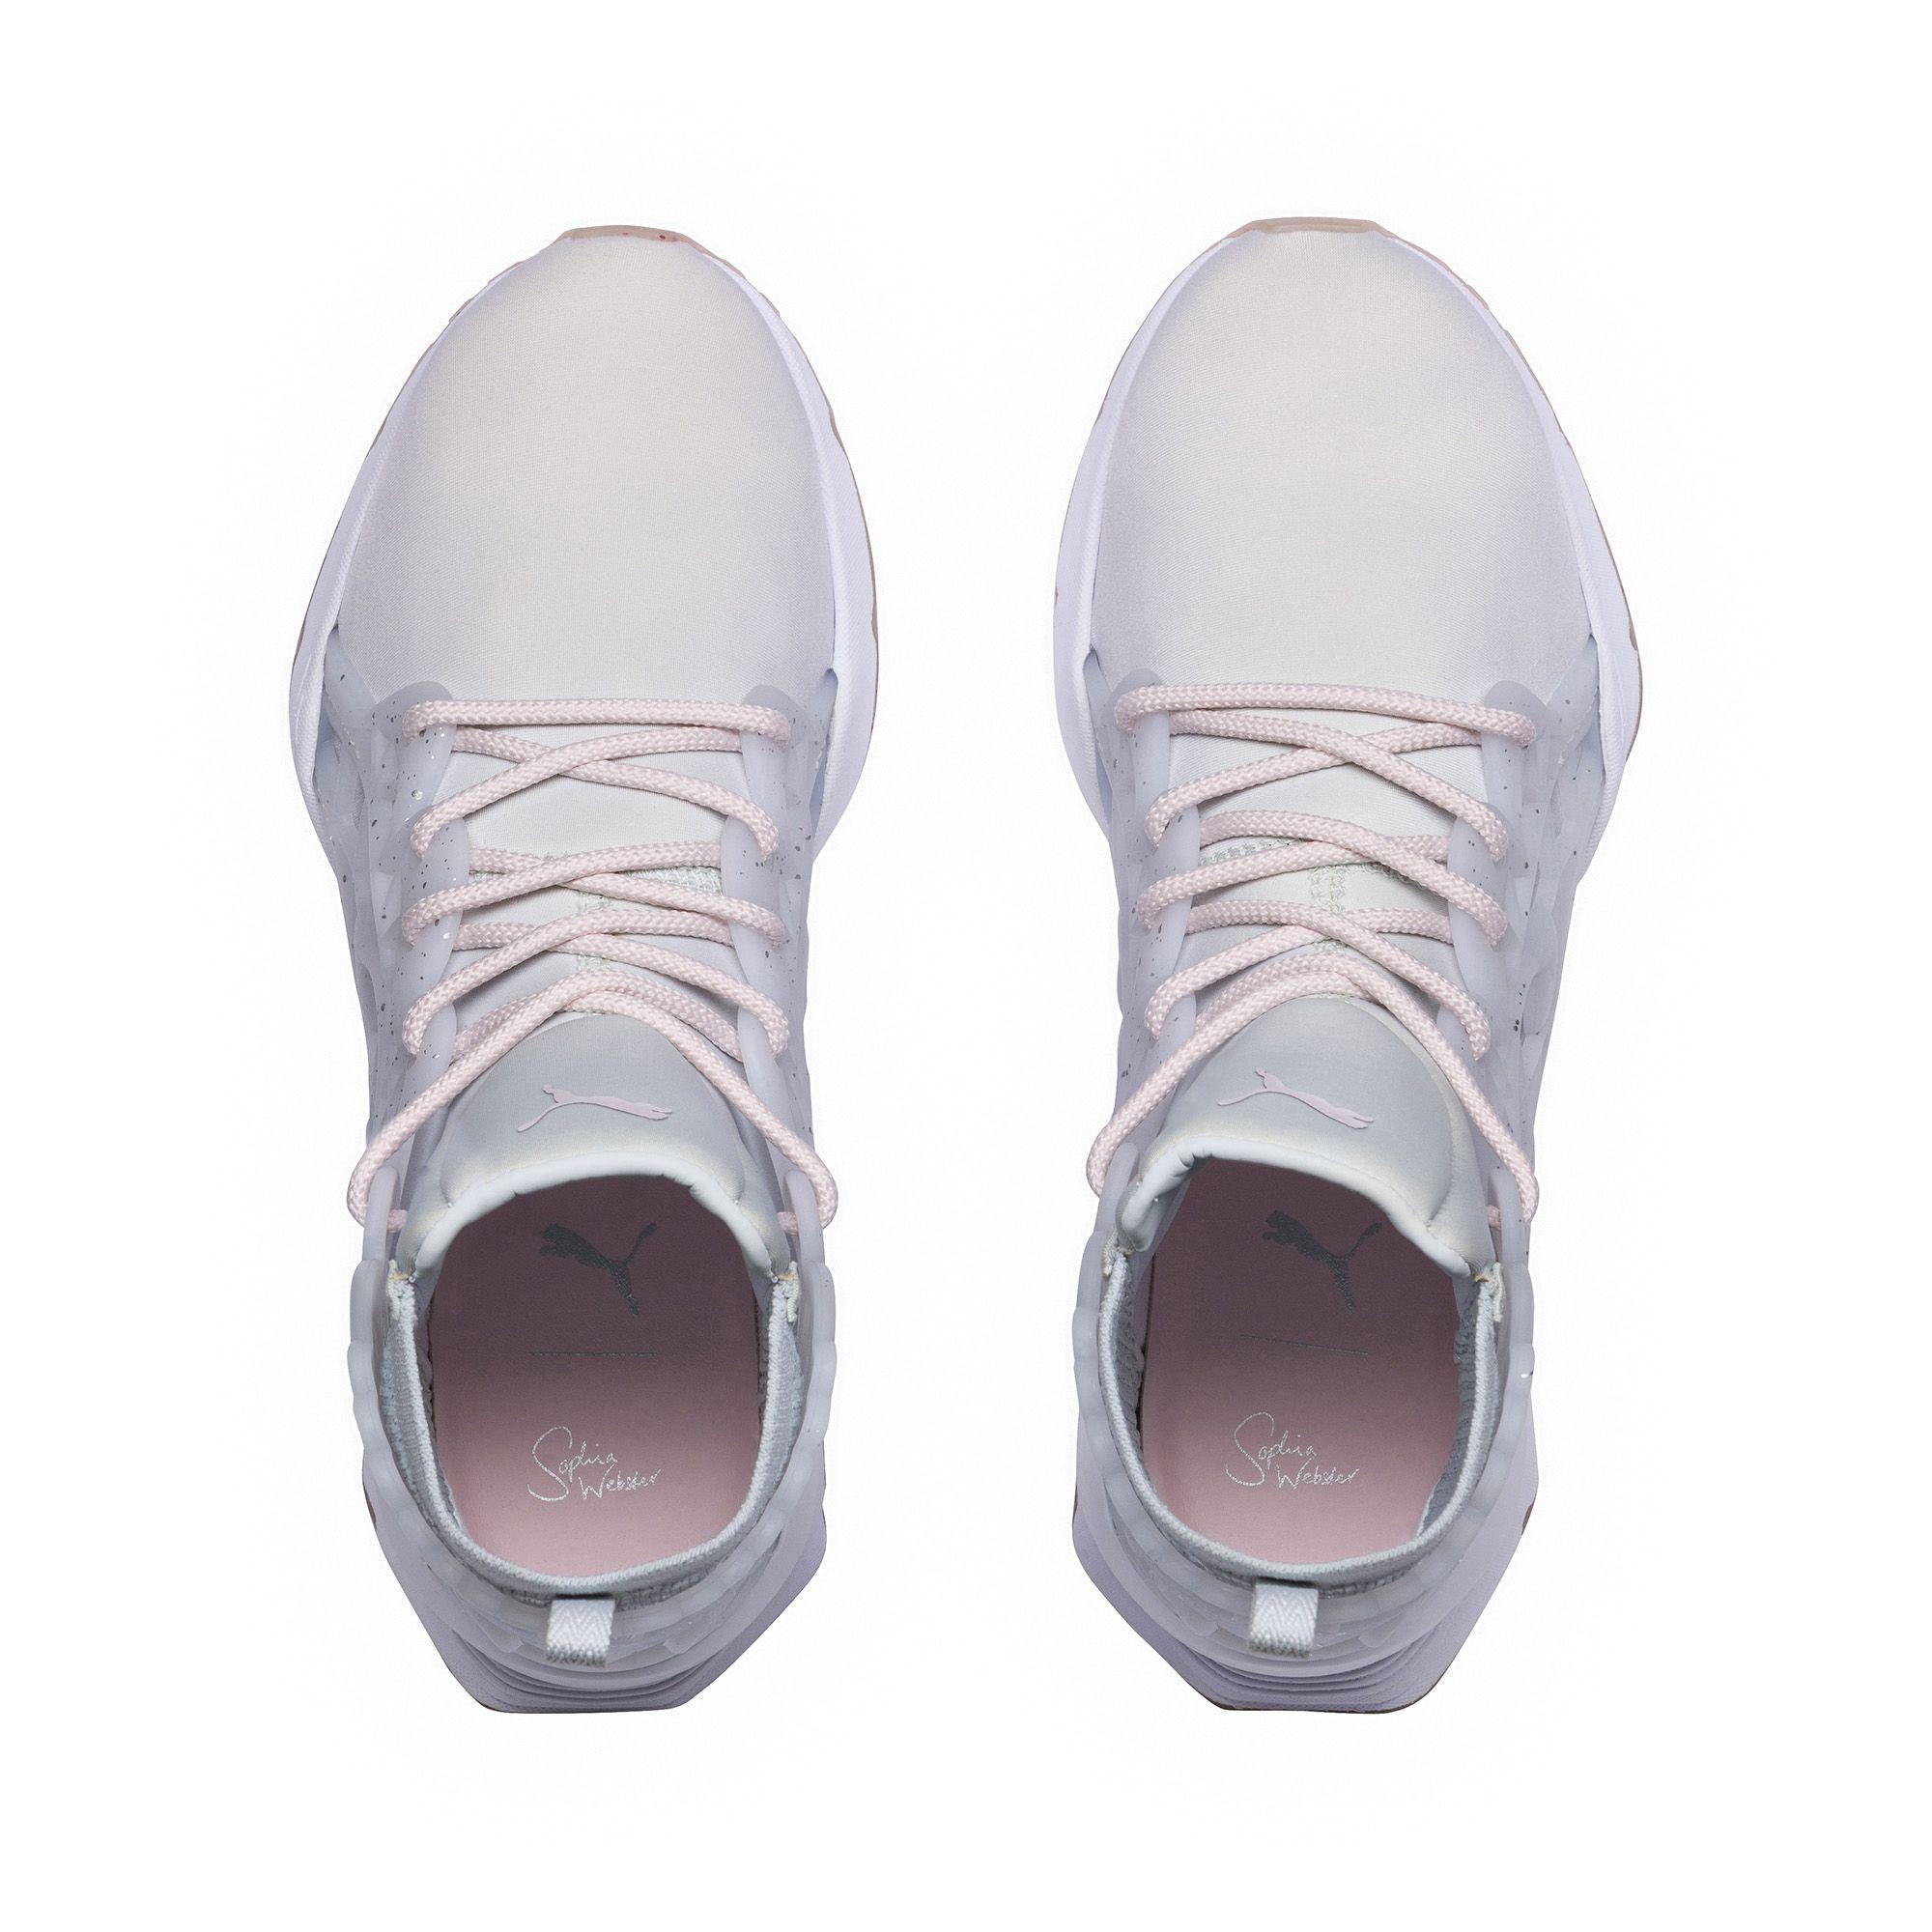 727ef5d7993 Lyst - PUMA X Sophia Webster Muse Echo Glitter Women s Sneakers in Blue